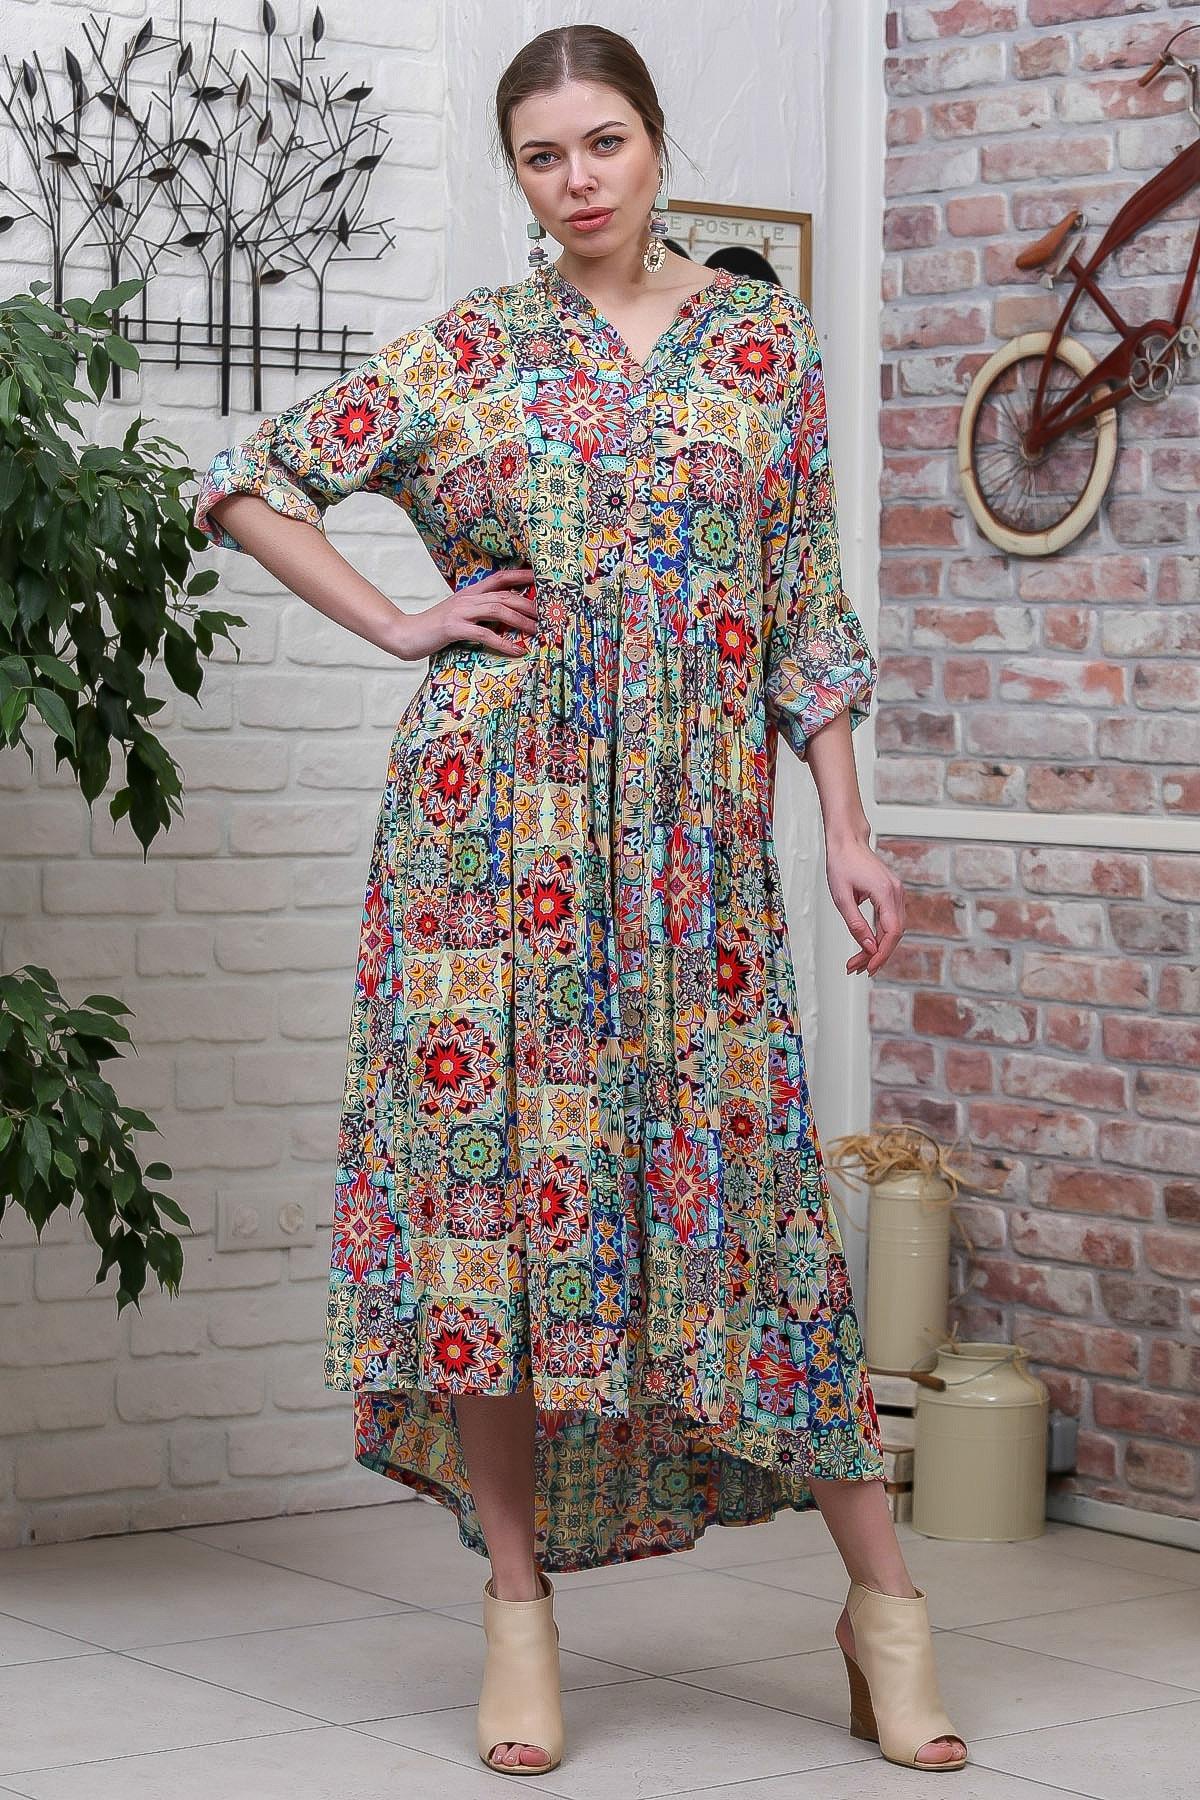 Chiccy Kadın Yeşil  Bohem Ottoman Desenli Ahşap Düğmeli Büzgülü Salaş Elbise M10160000EL95584 1